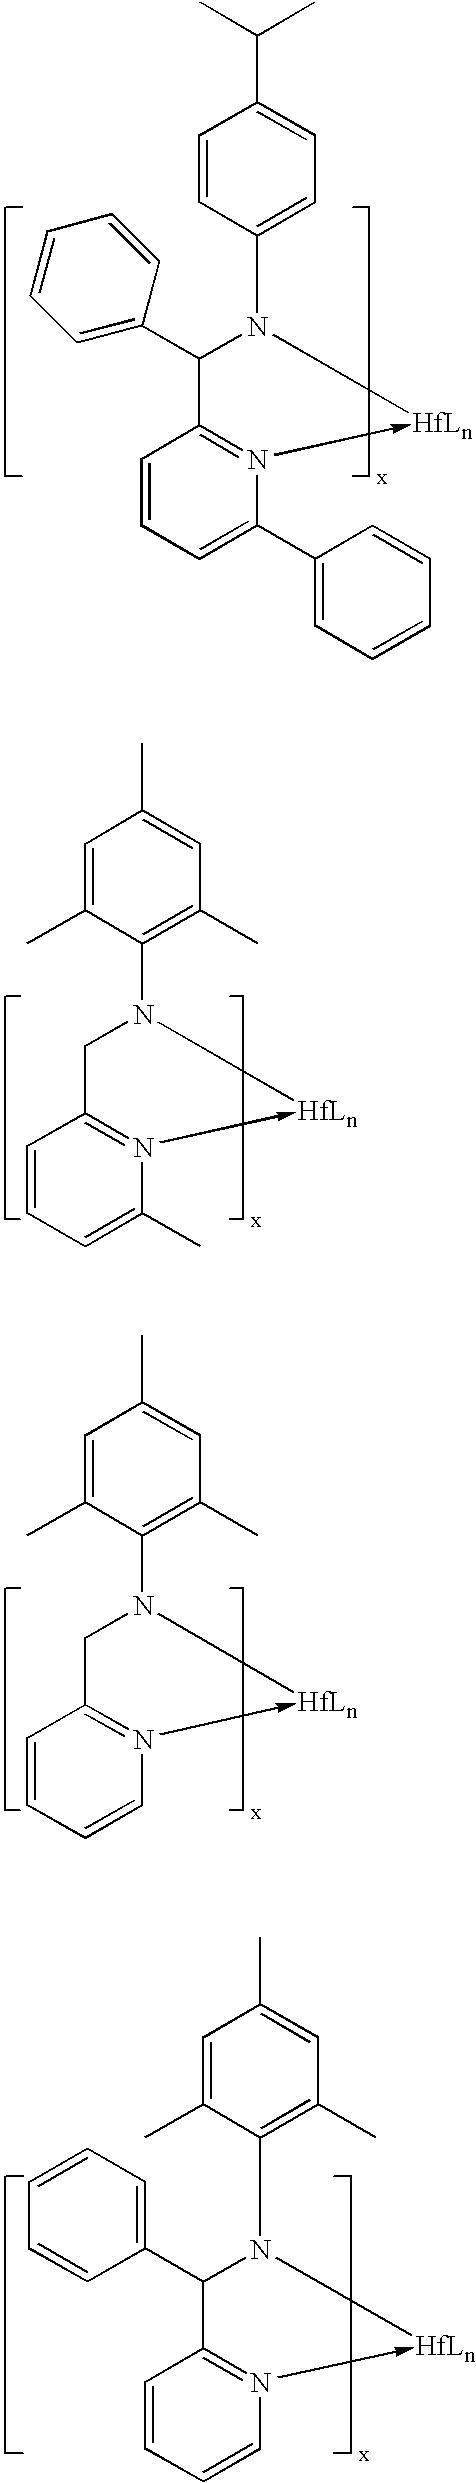 Figure US06919407-20050719-C00016